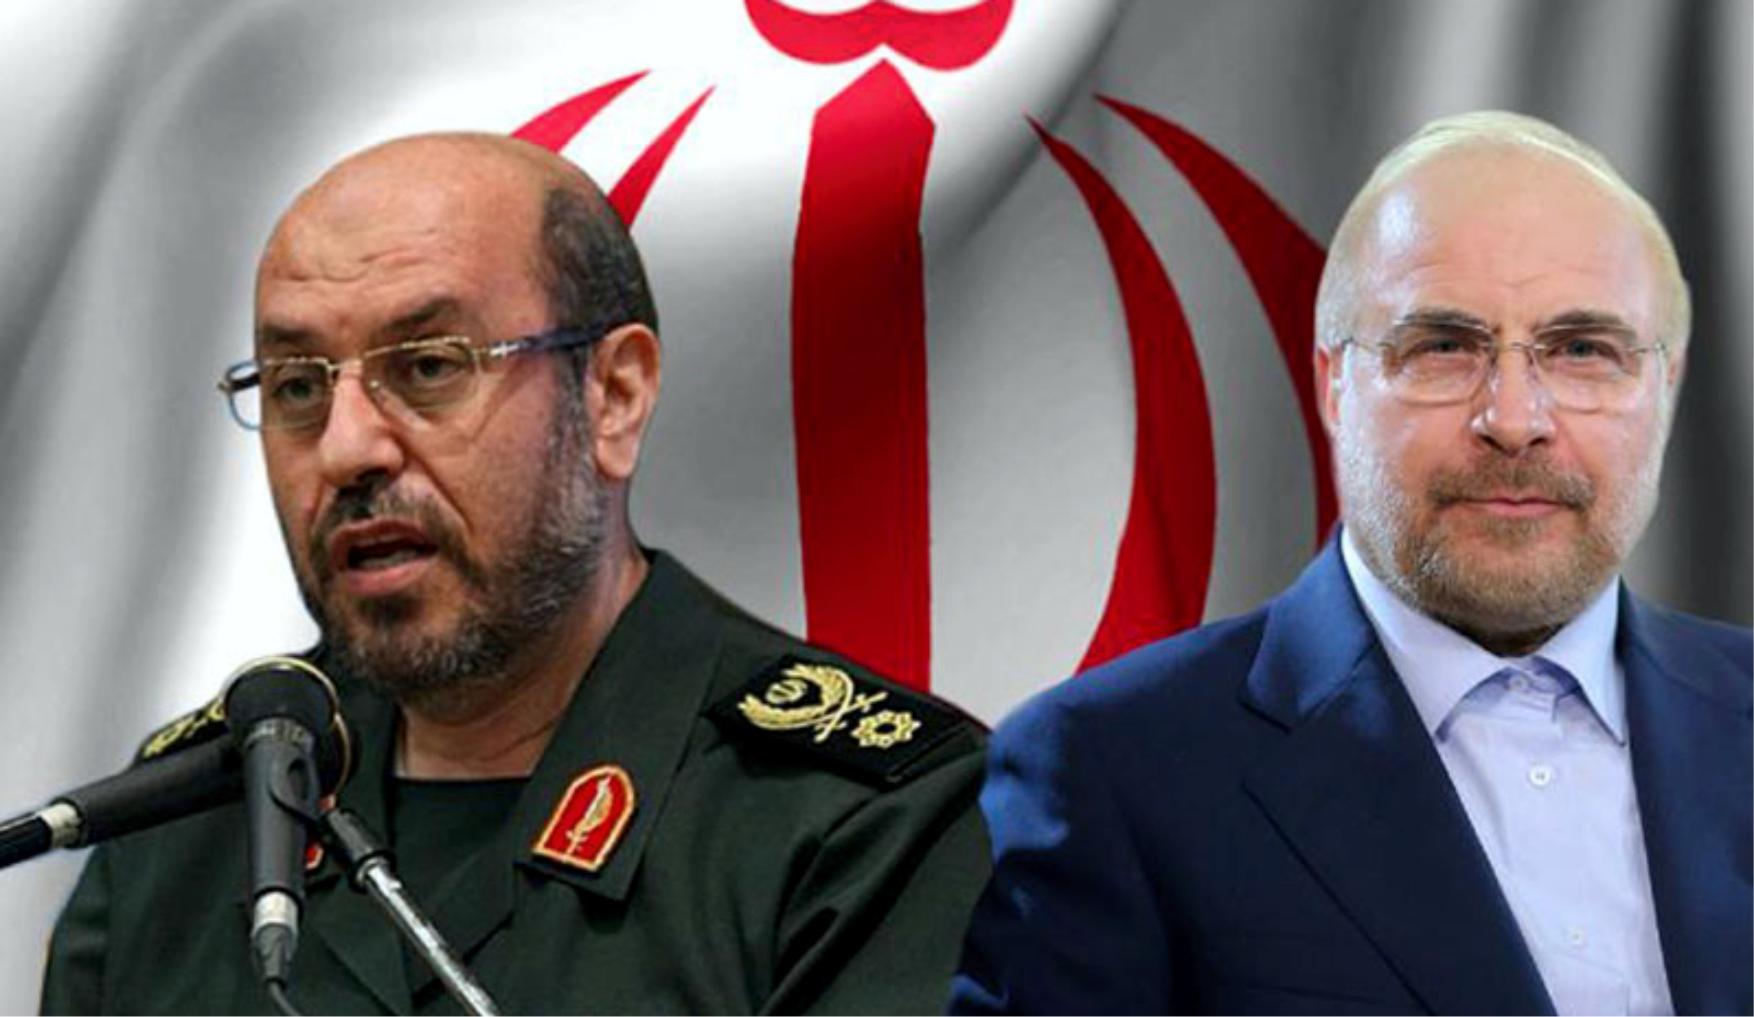 राष्ट्रपति चयनका लागि इरानमा मतदान हुँदै